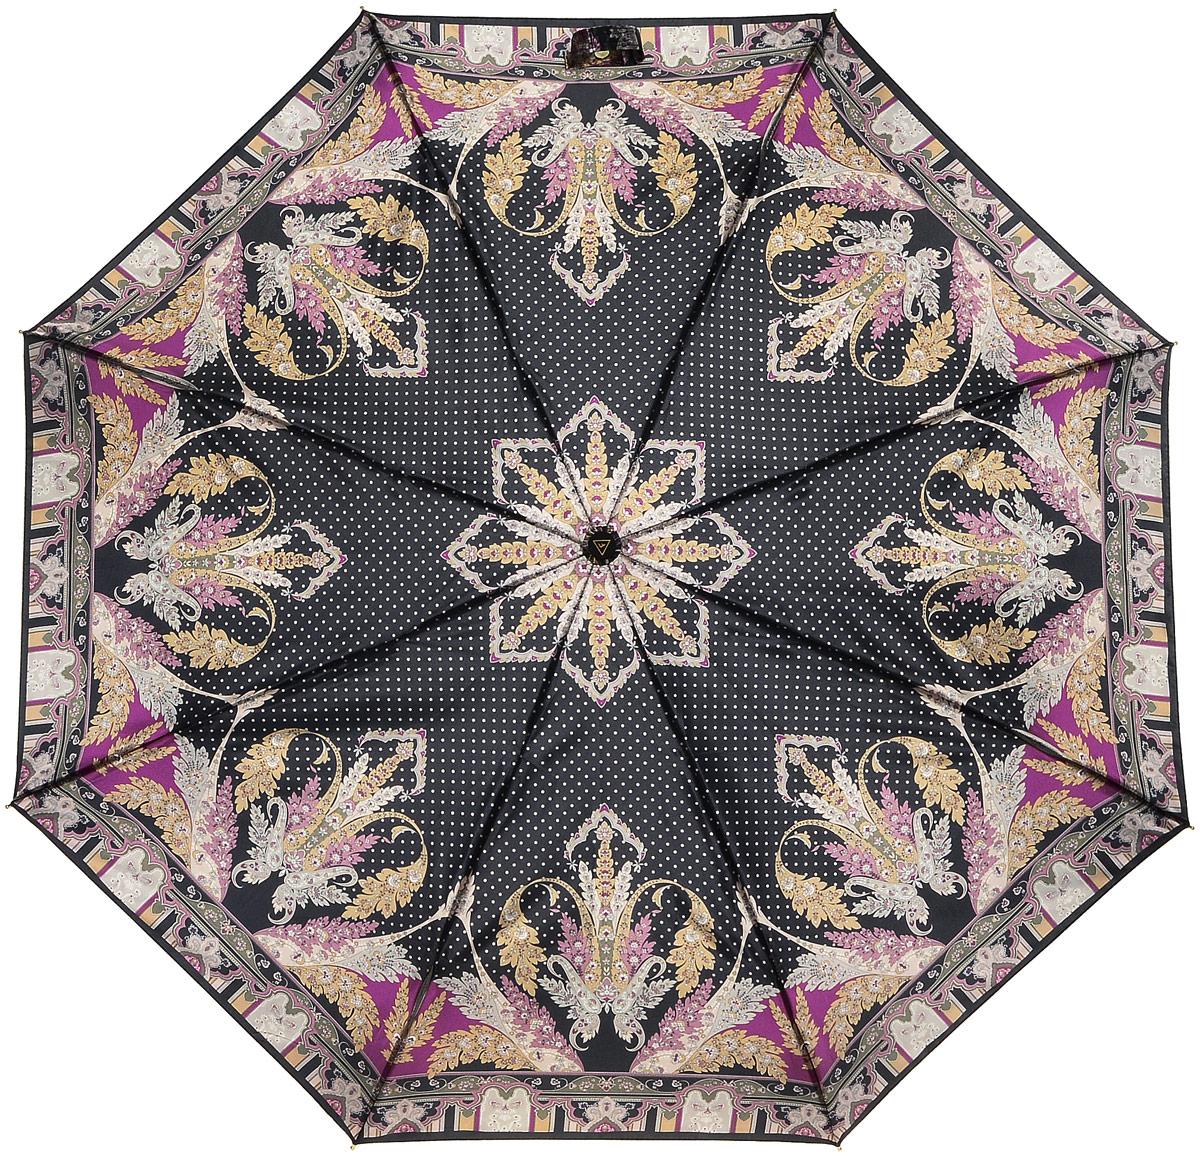 Зонт женский Fabretti, цвет: черный. S-16105-4S-16105-4Женский зонт от итальянского бренда Fabretti. Классический черный цвет в сочетании со стильными винными и золотыми оттенками сделают вас неотразимой в любую непогоду! Яркий и утонченный цветочный принт, напоминающий пейсли, превращает модель в роскошный аксессуар, который придется по вкусу ценителям элегантного стиля. Значительным преимуществом данной модели является система антиветер, которая позволяет выдержать сильные порывы ветра. Материал купола – сатин. Он невероятно изящен, приятен на ощупь, обладает высокой прочностью, а также устойчив к выцветанию. Эргономичная ручка сделана из высококачественного пластика-полиуретана с противоскользящей обработкой.